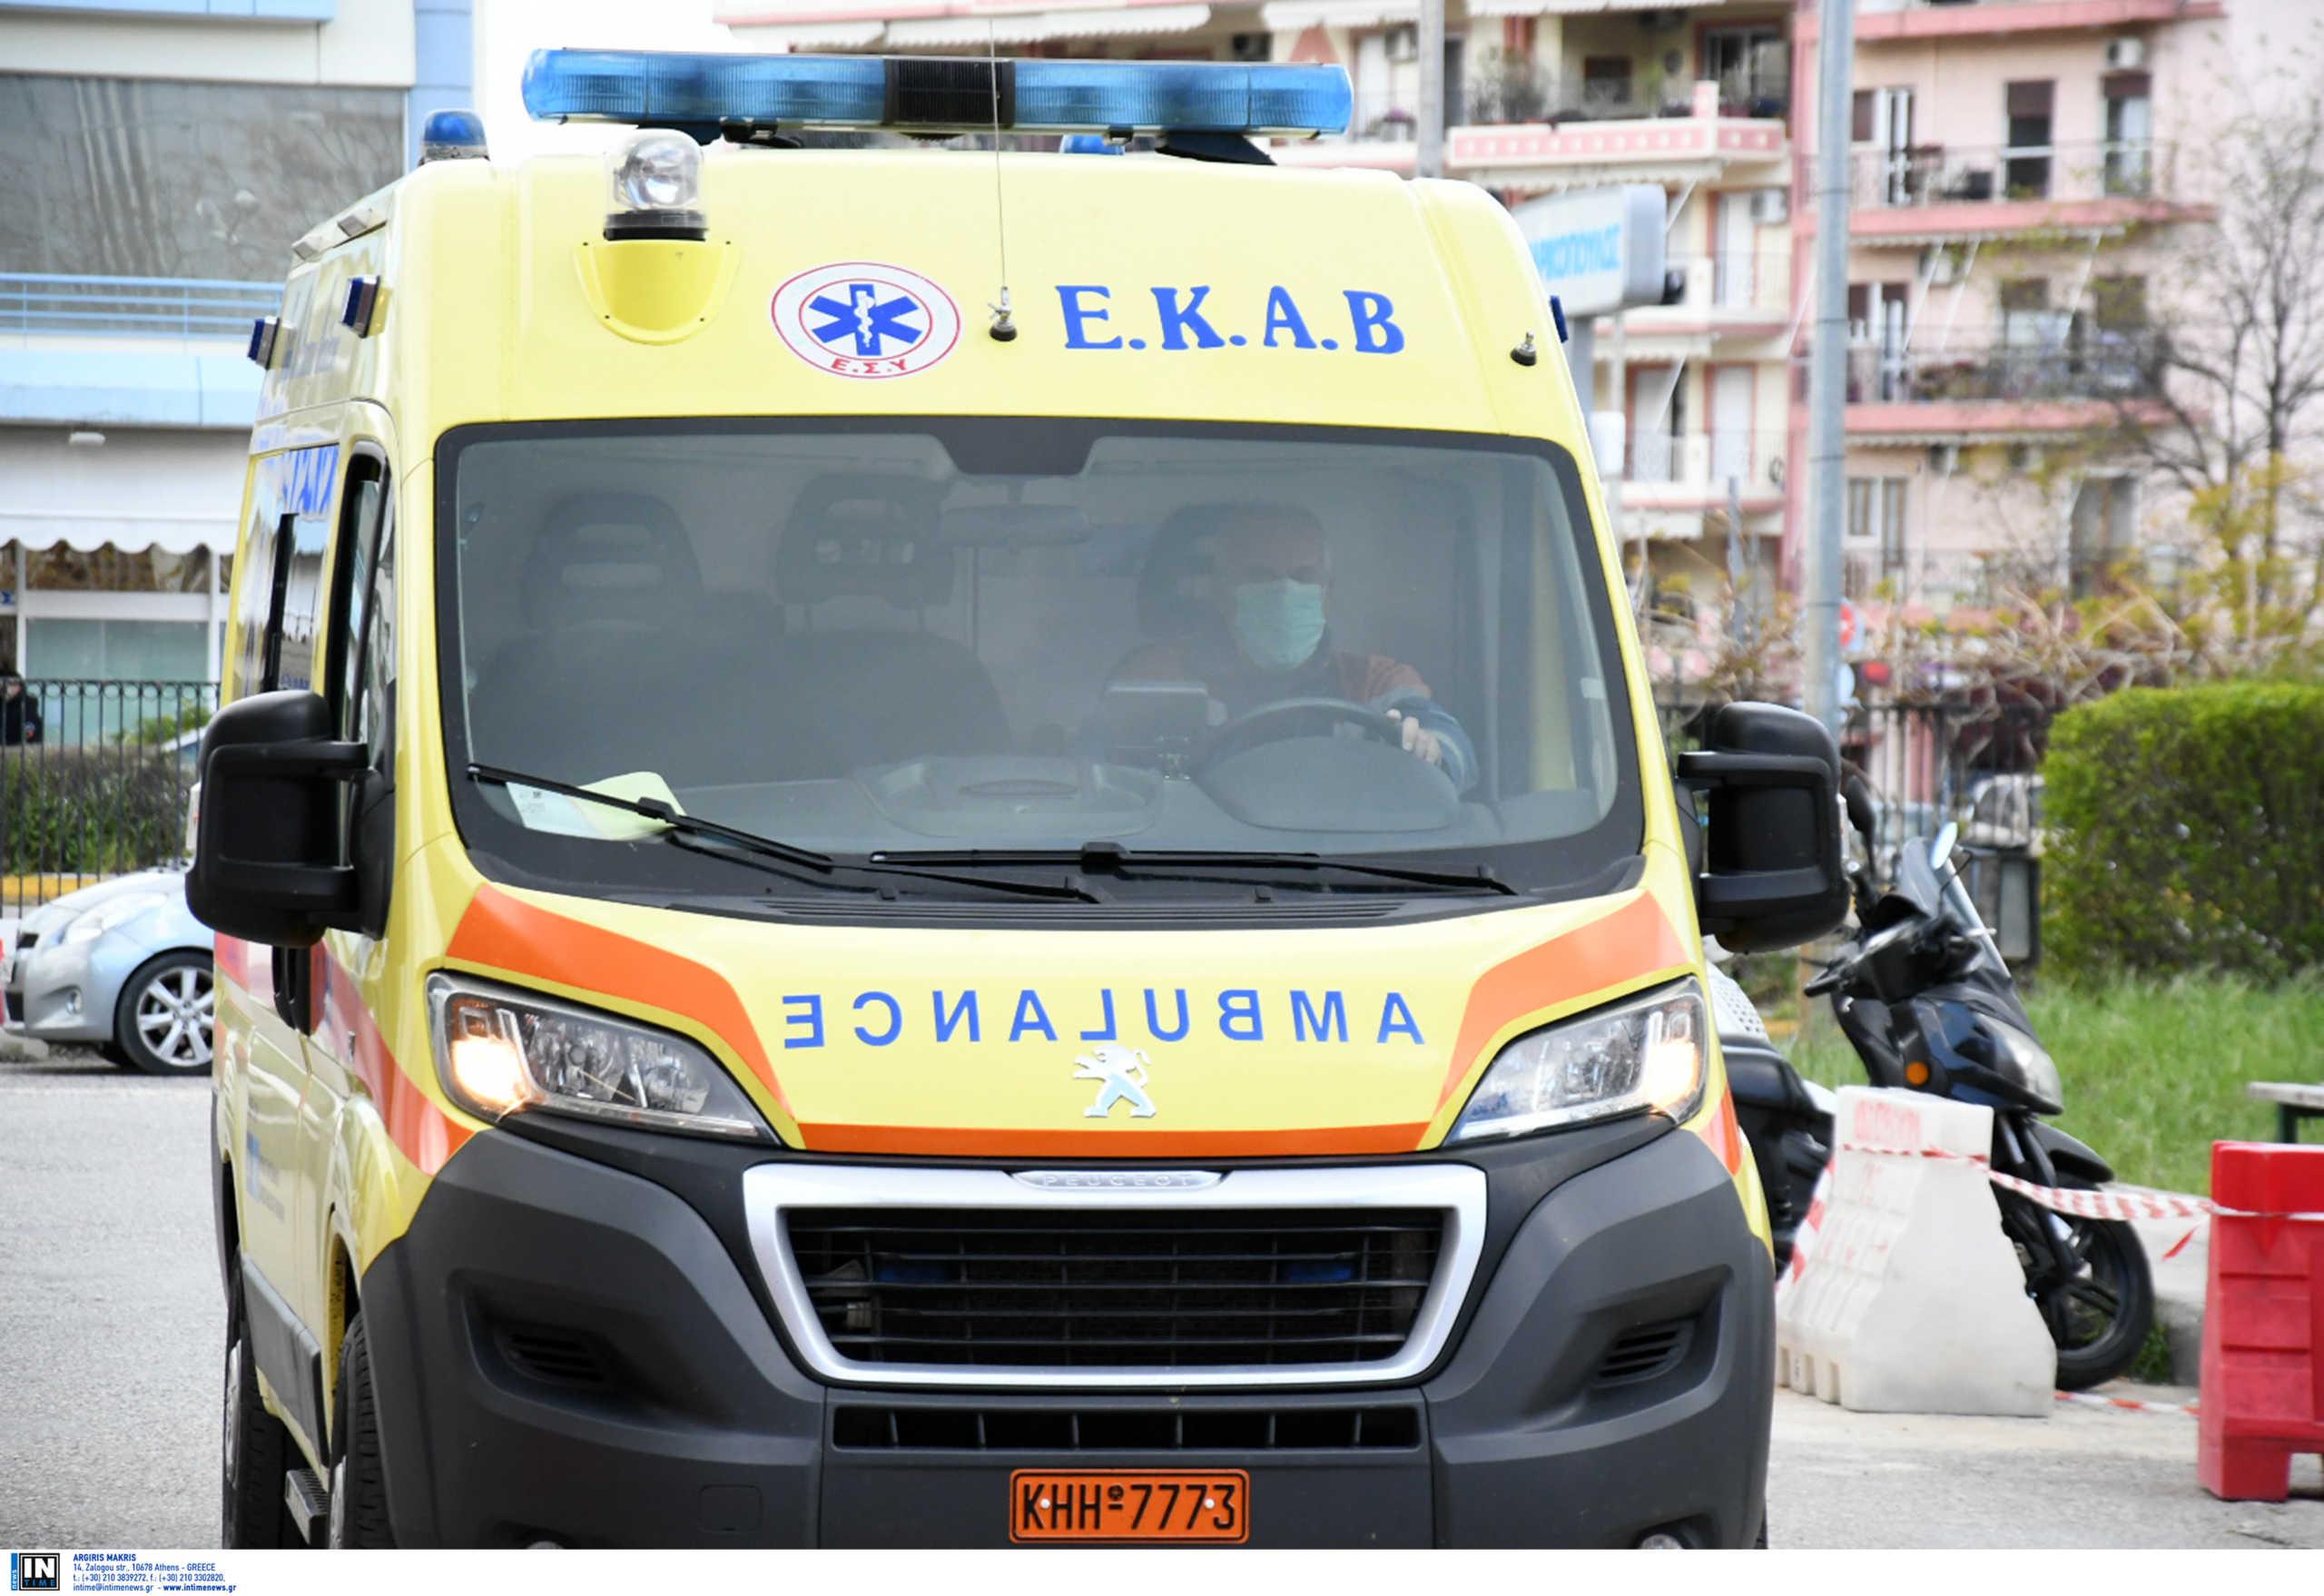 Ήπειρος: Βρέθηκαν κρεμασμένοι σε Άρτα και Σύβοτα! Διπλή τραγωδία καρμπόν